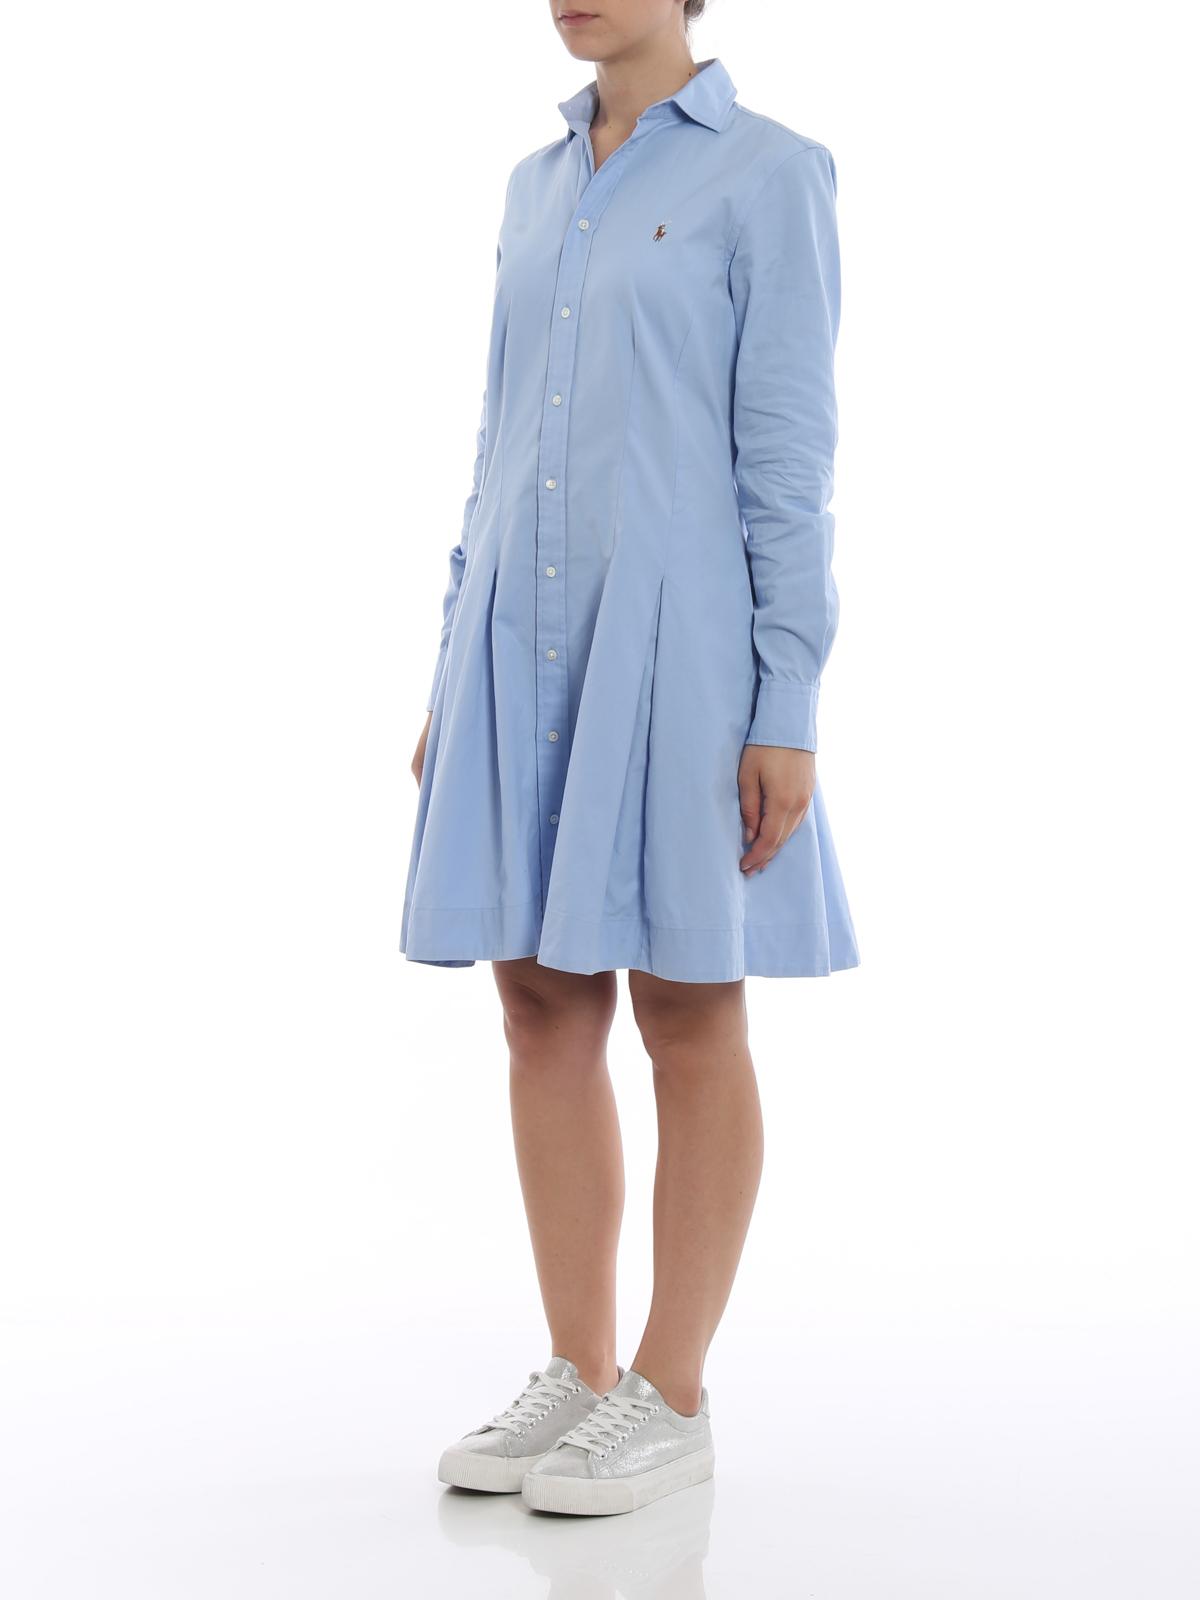 Polo Ralph Lauren - Oxford cotton shirt dress - short dresses